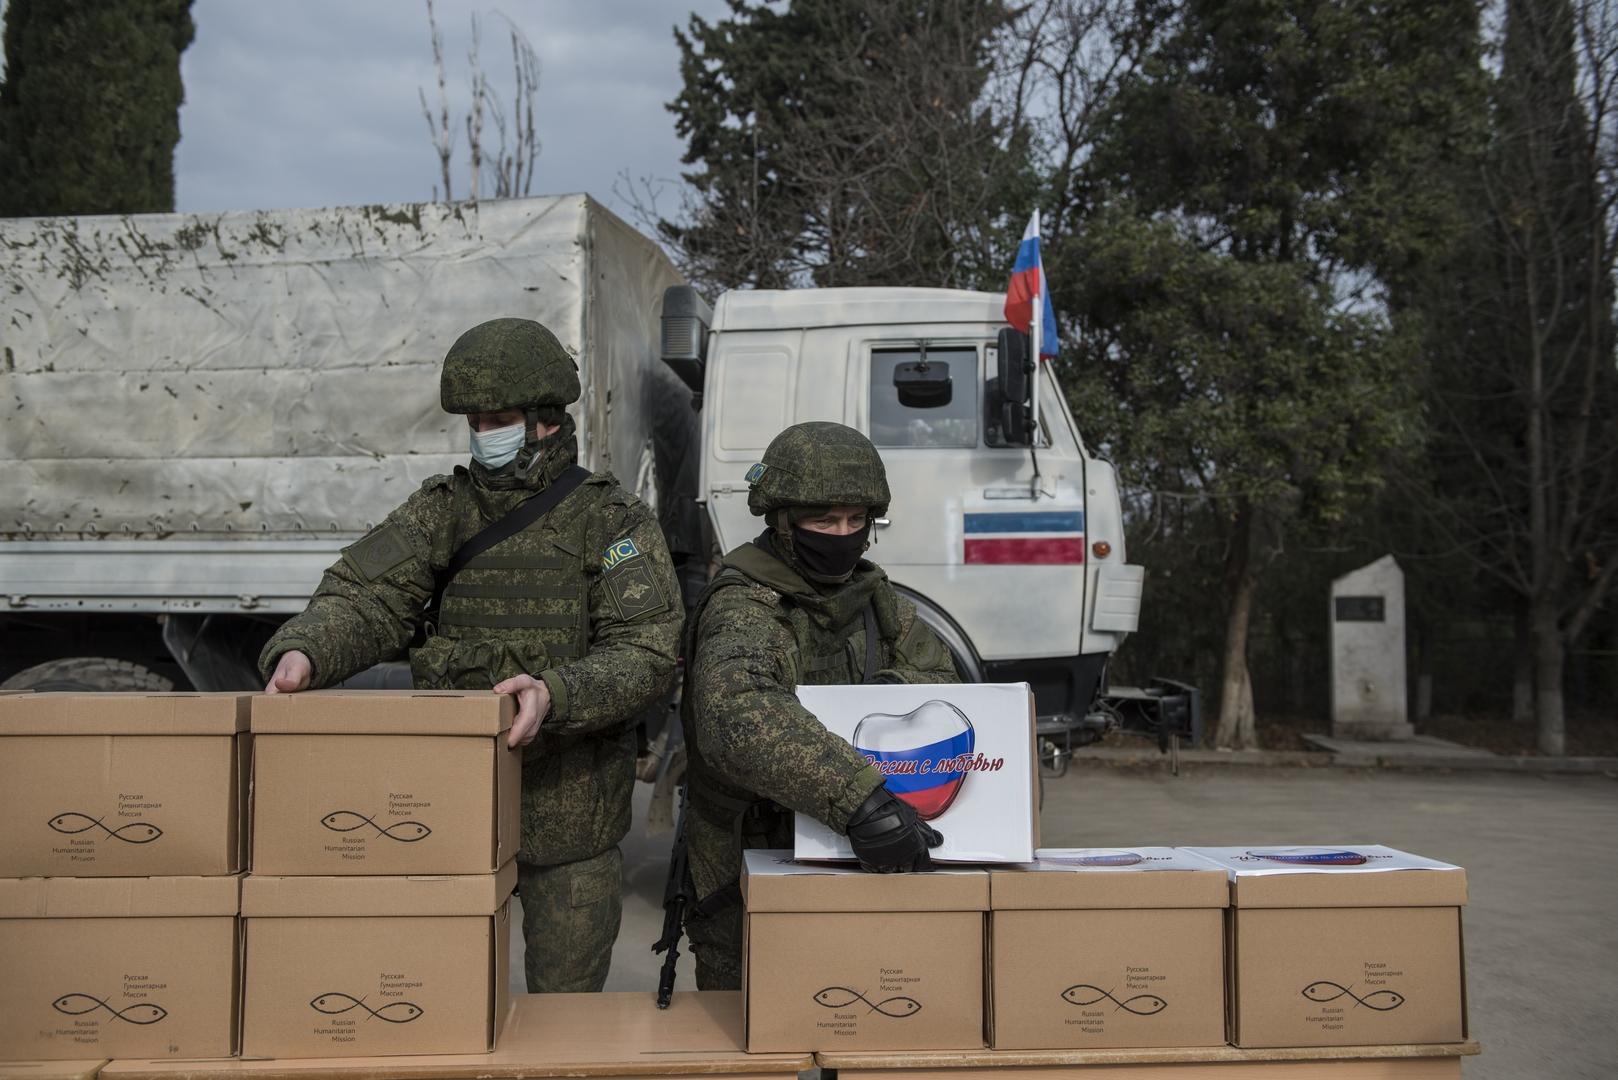 قوات حفظ السلام الروسية توزع مساعدات إنسانية على النازحين في قره باغ